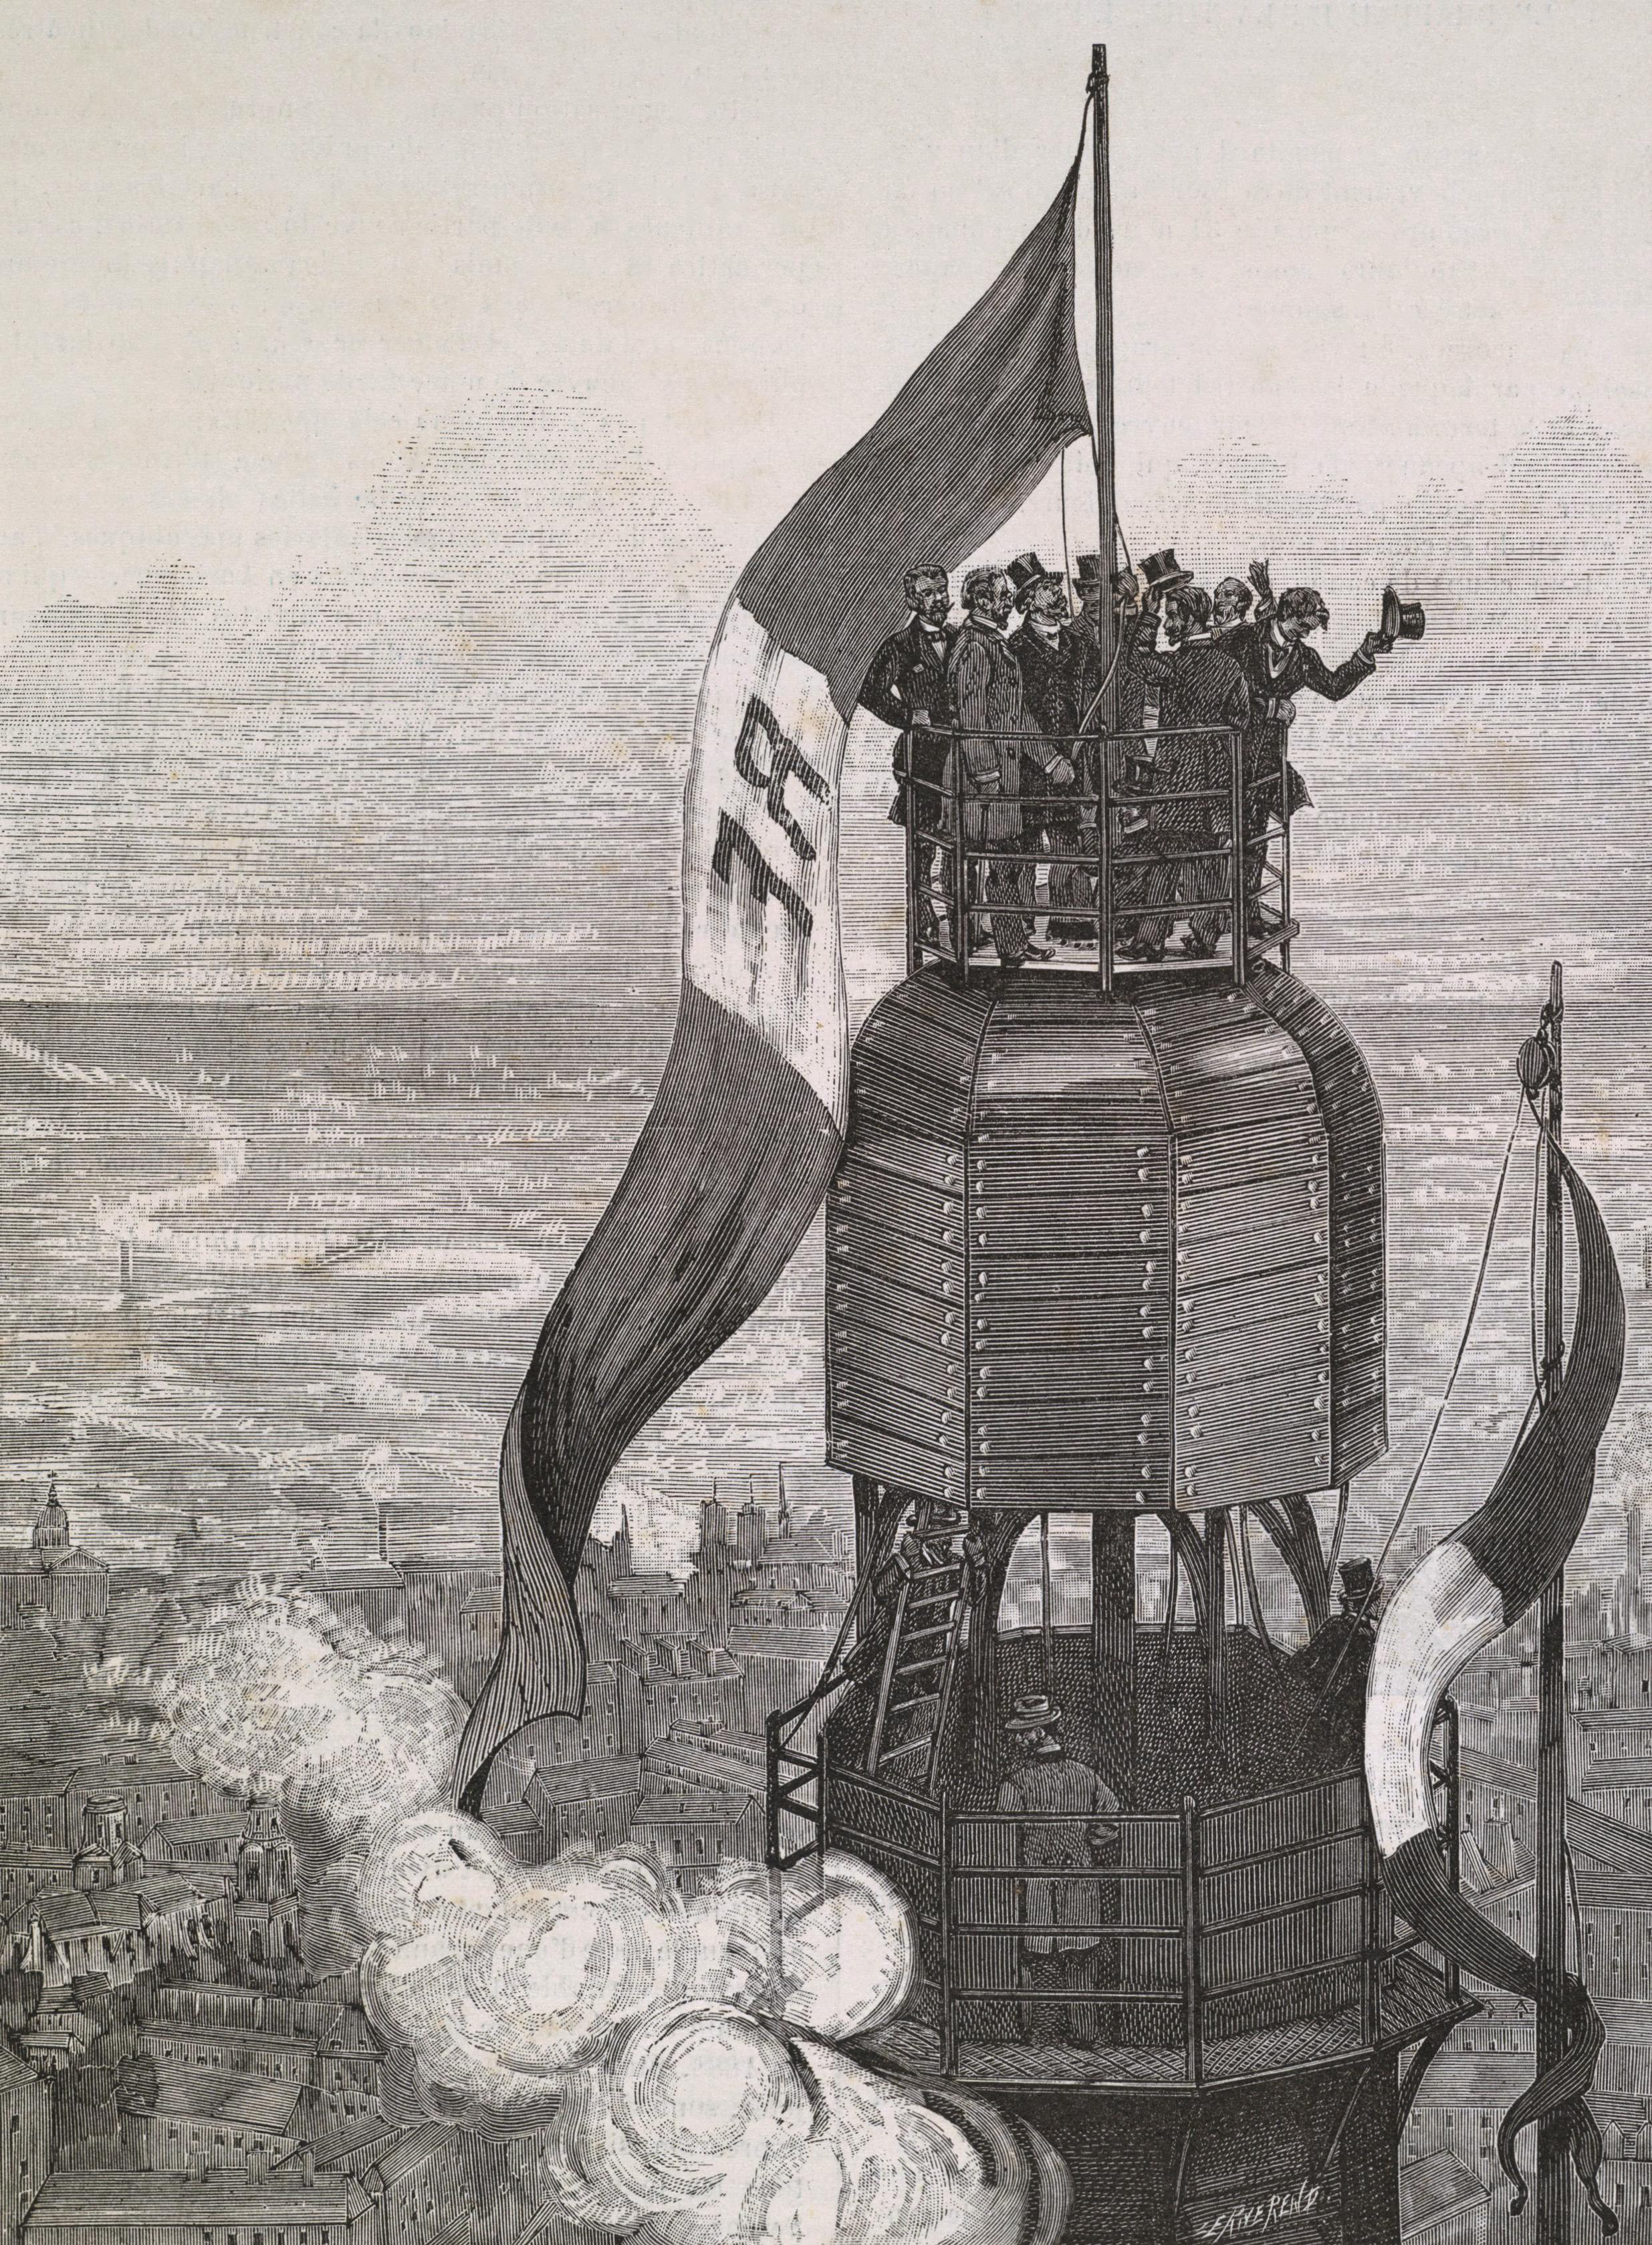 Завершение строительства Эйфелевой башни. 1889